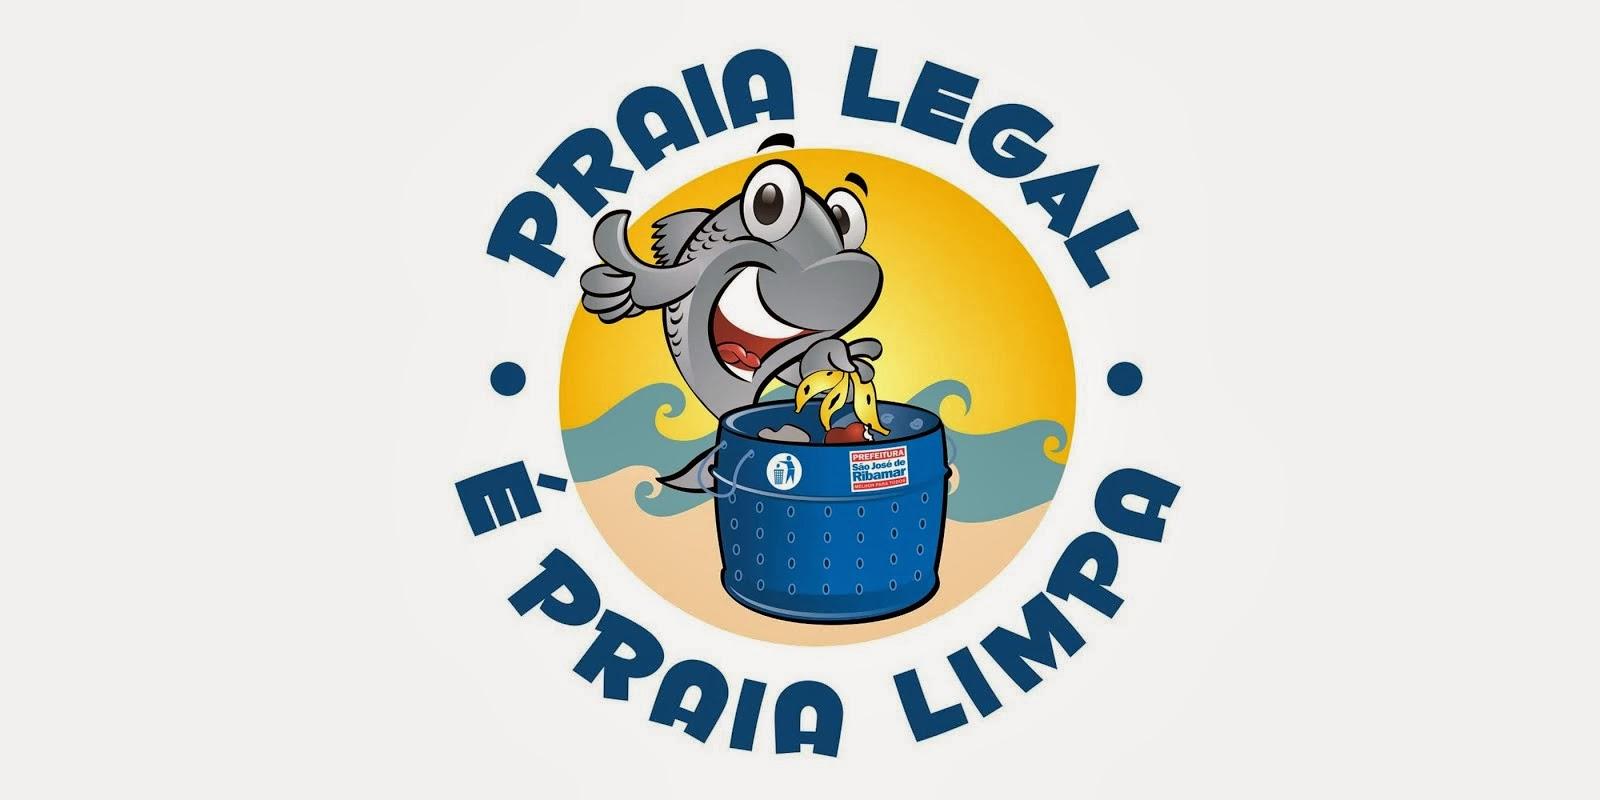 PRAIA LEGAL